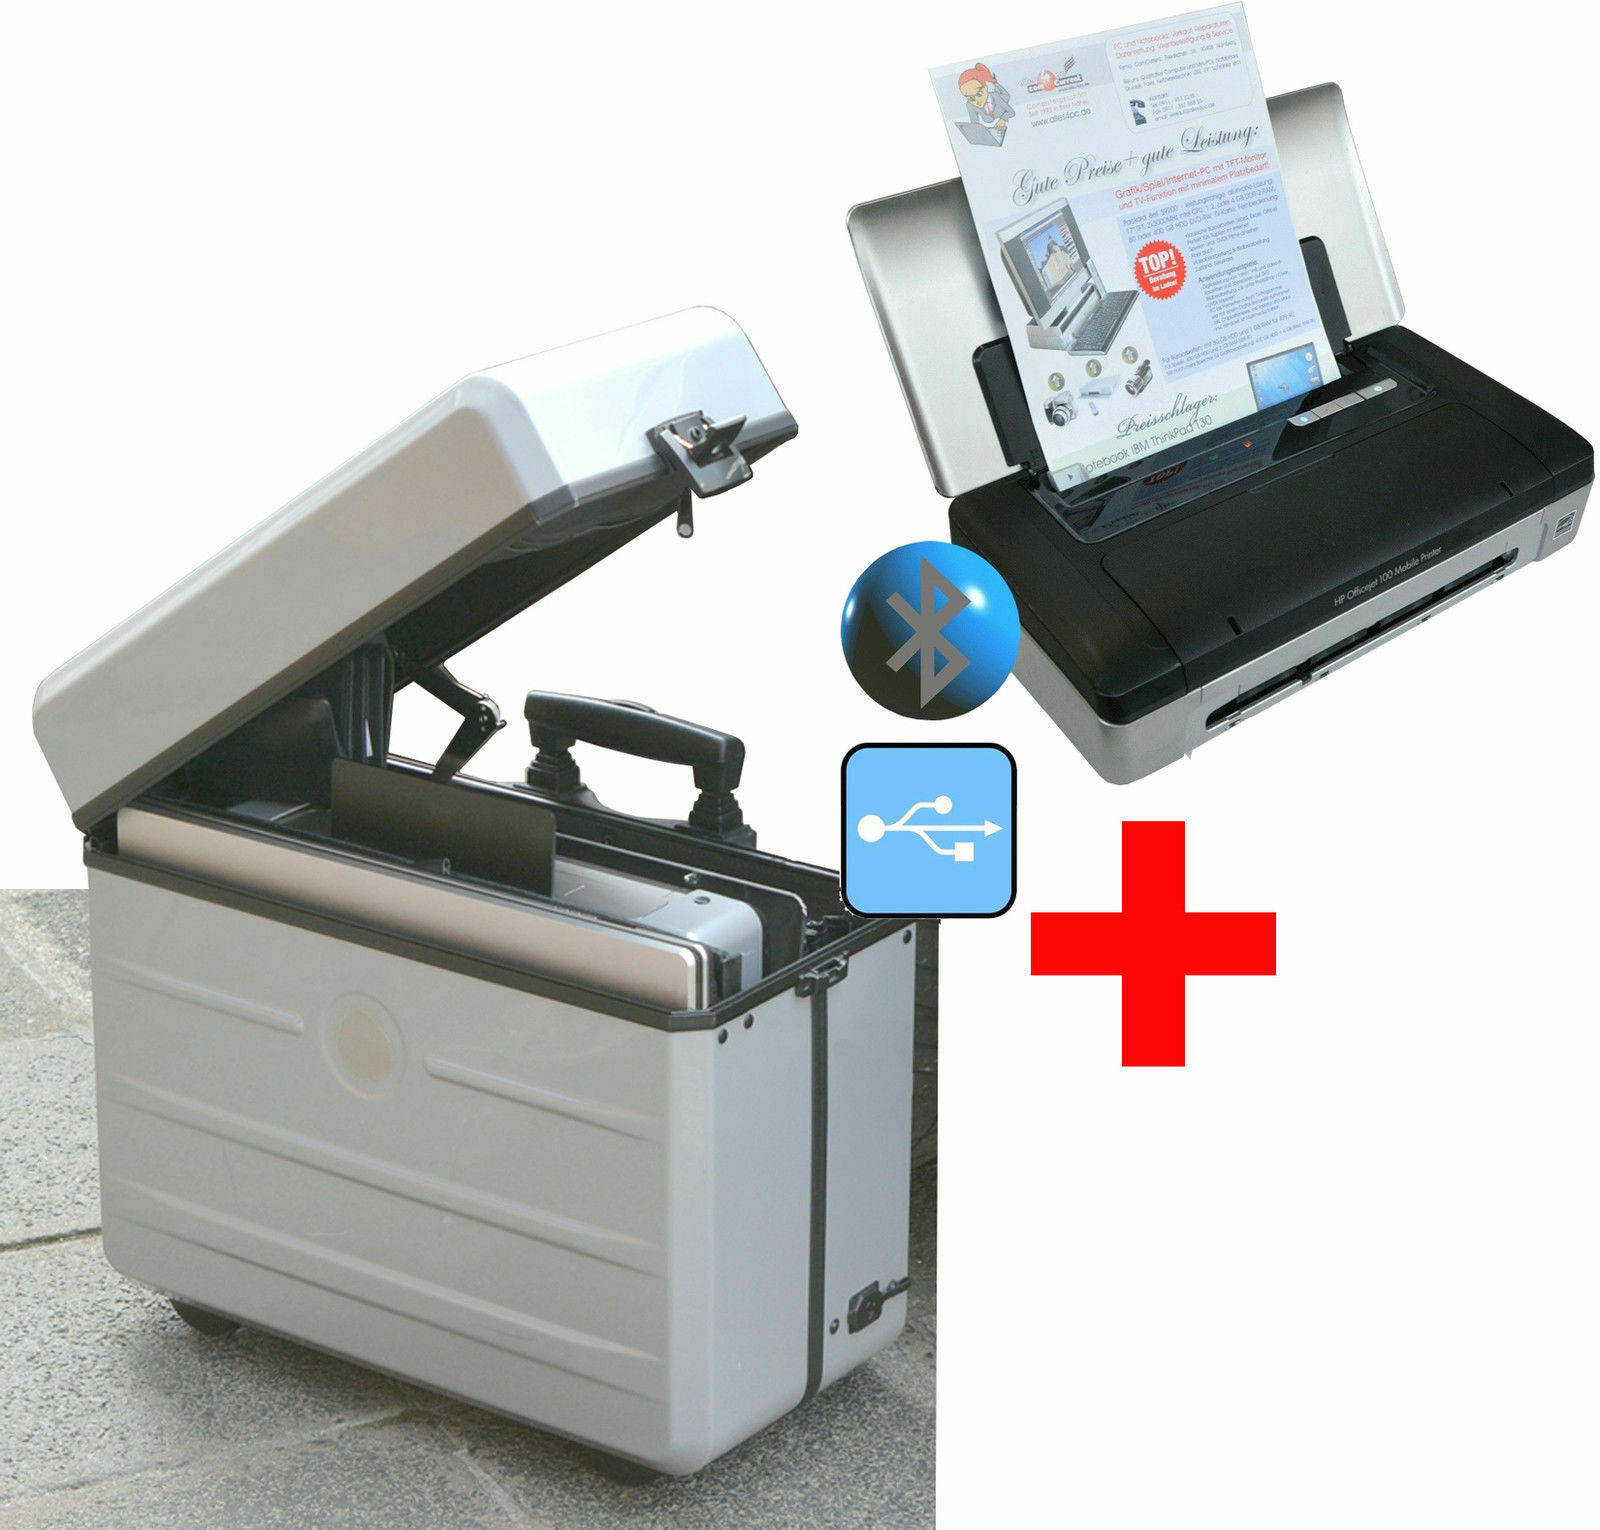 Imprimante mobile hp officejet 100 plus parat kofferlösung pour notebook 17